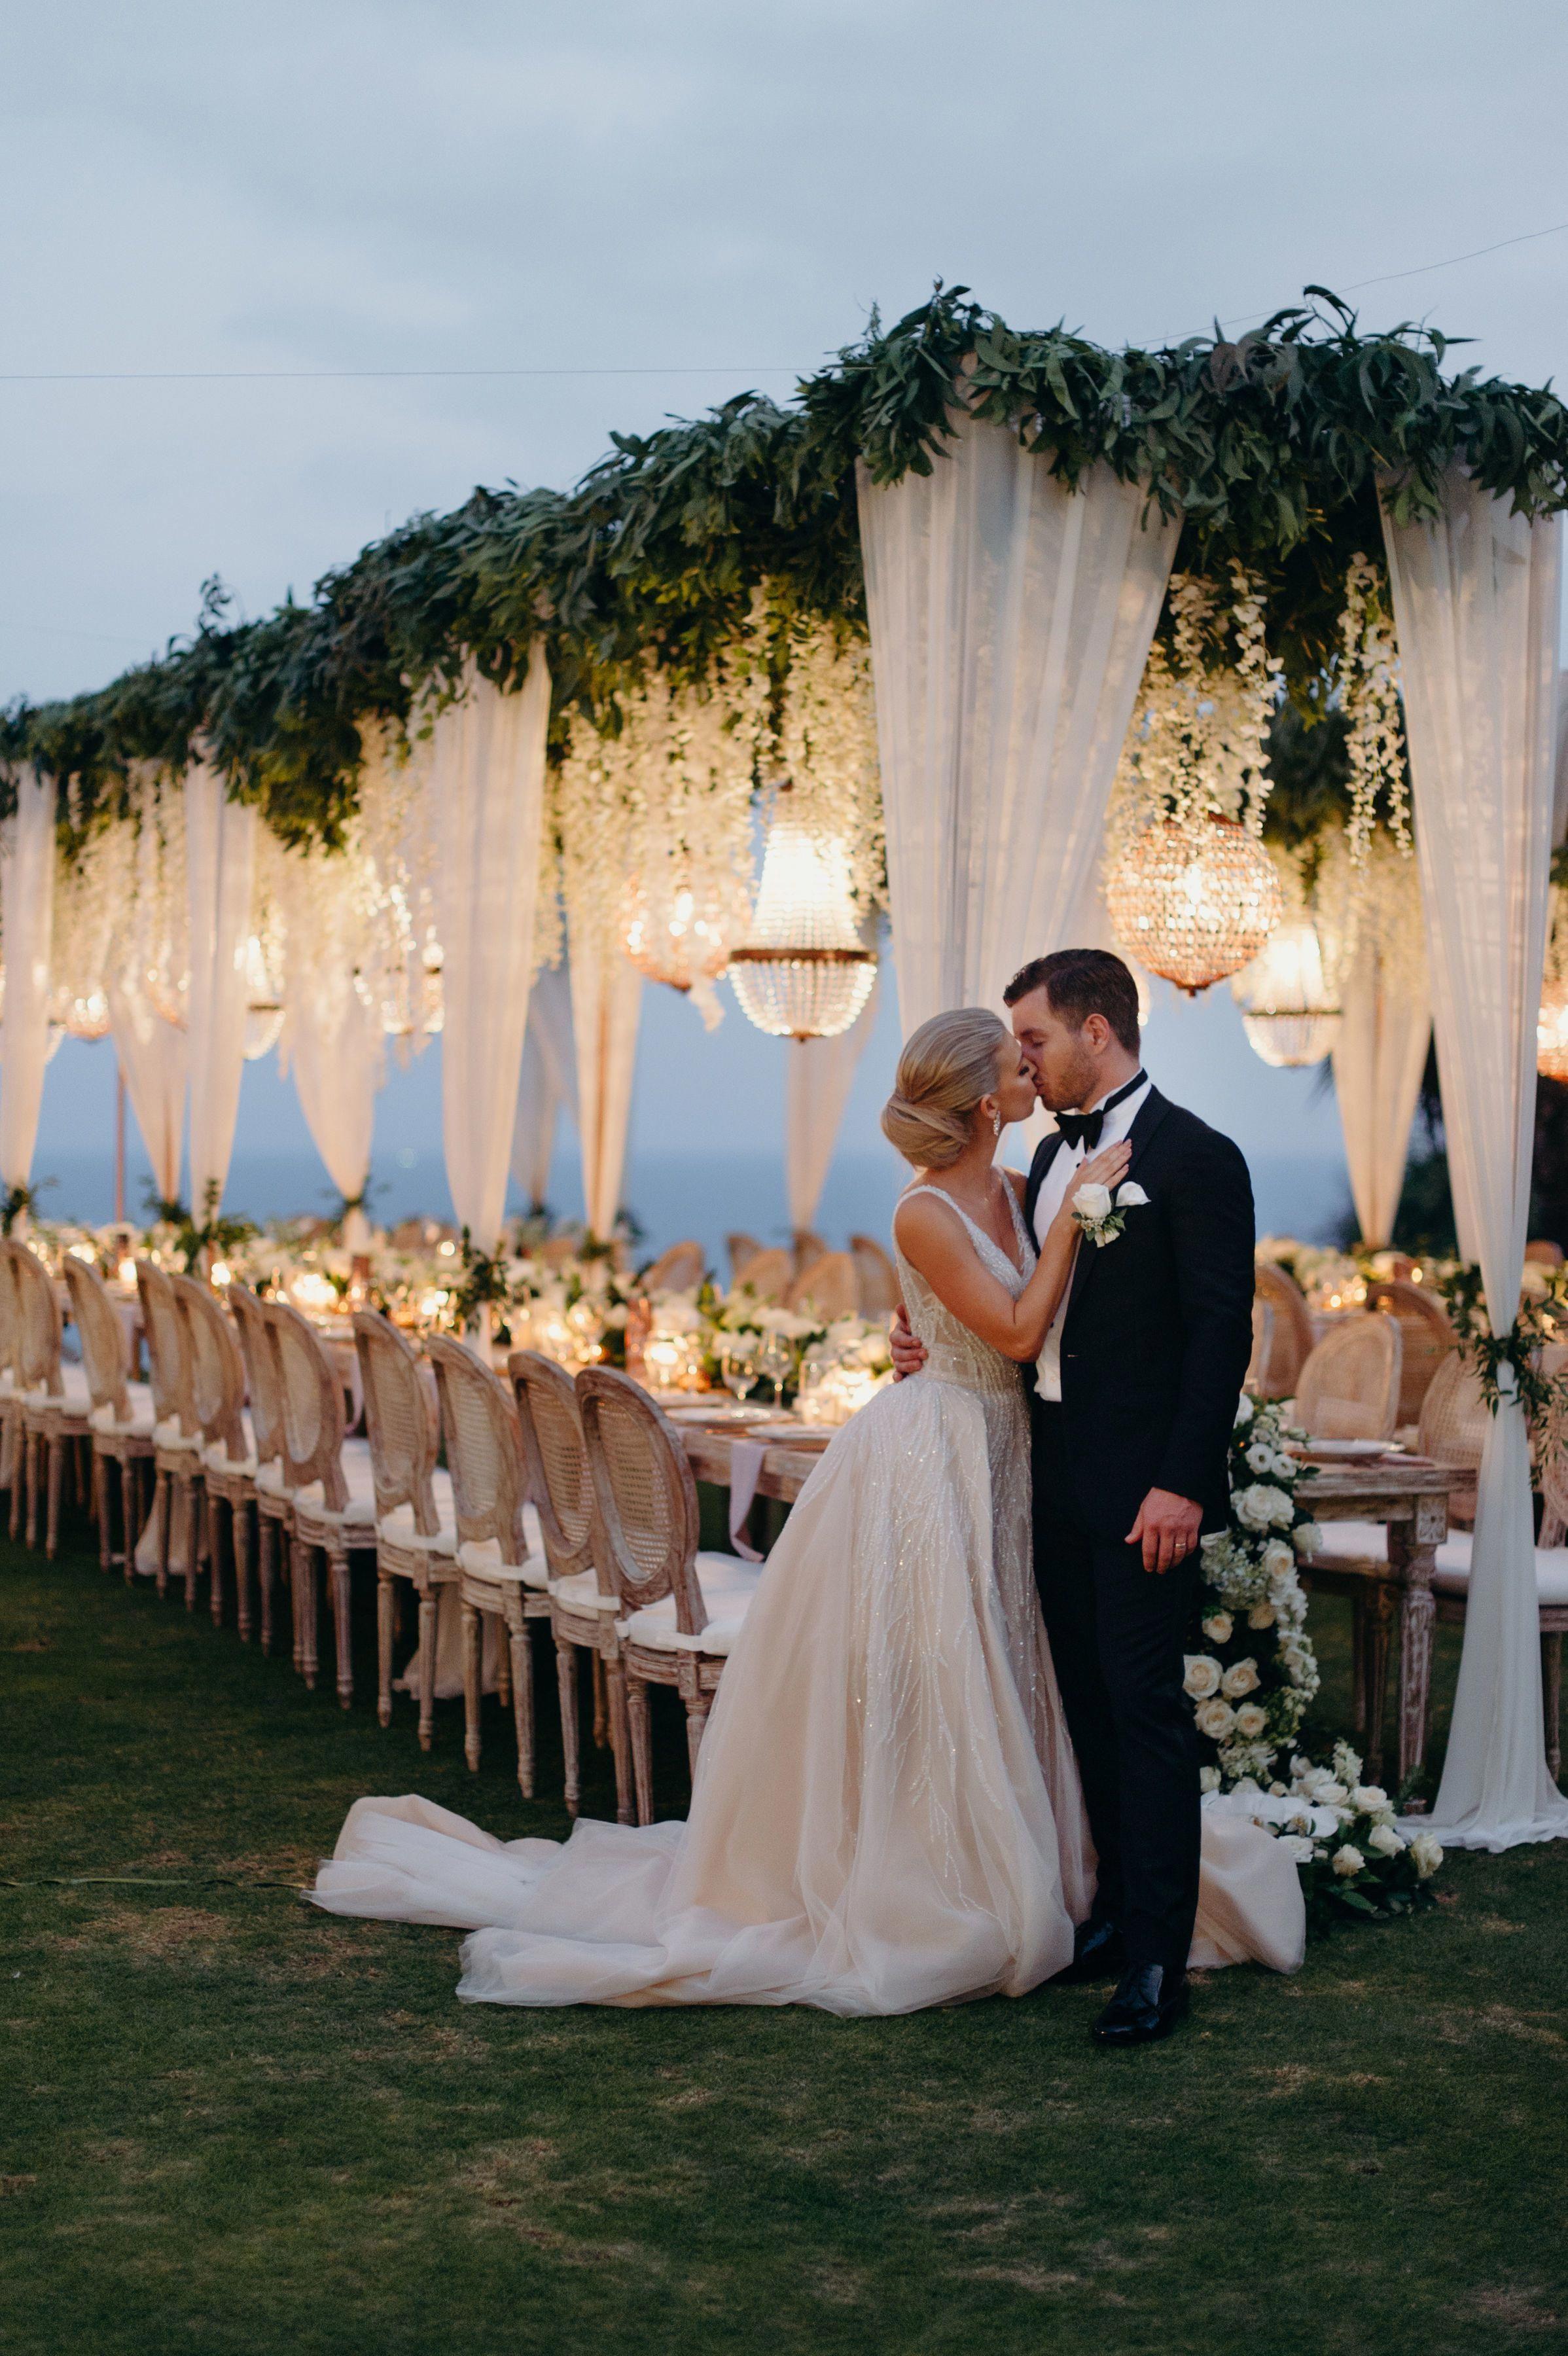 Affordable Wedding Venues In Nj Areweddingringspagan Weddingguide Wedding Wedding Decorations Dream Wedding